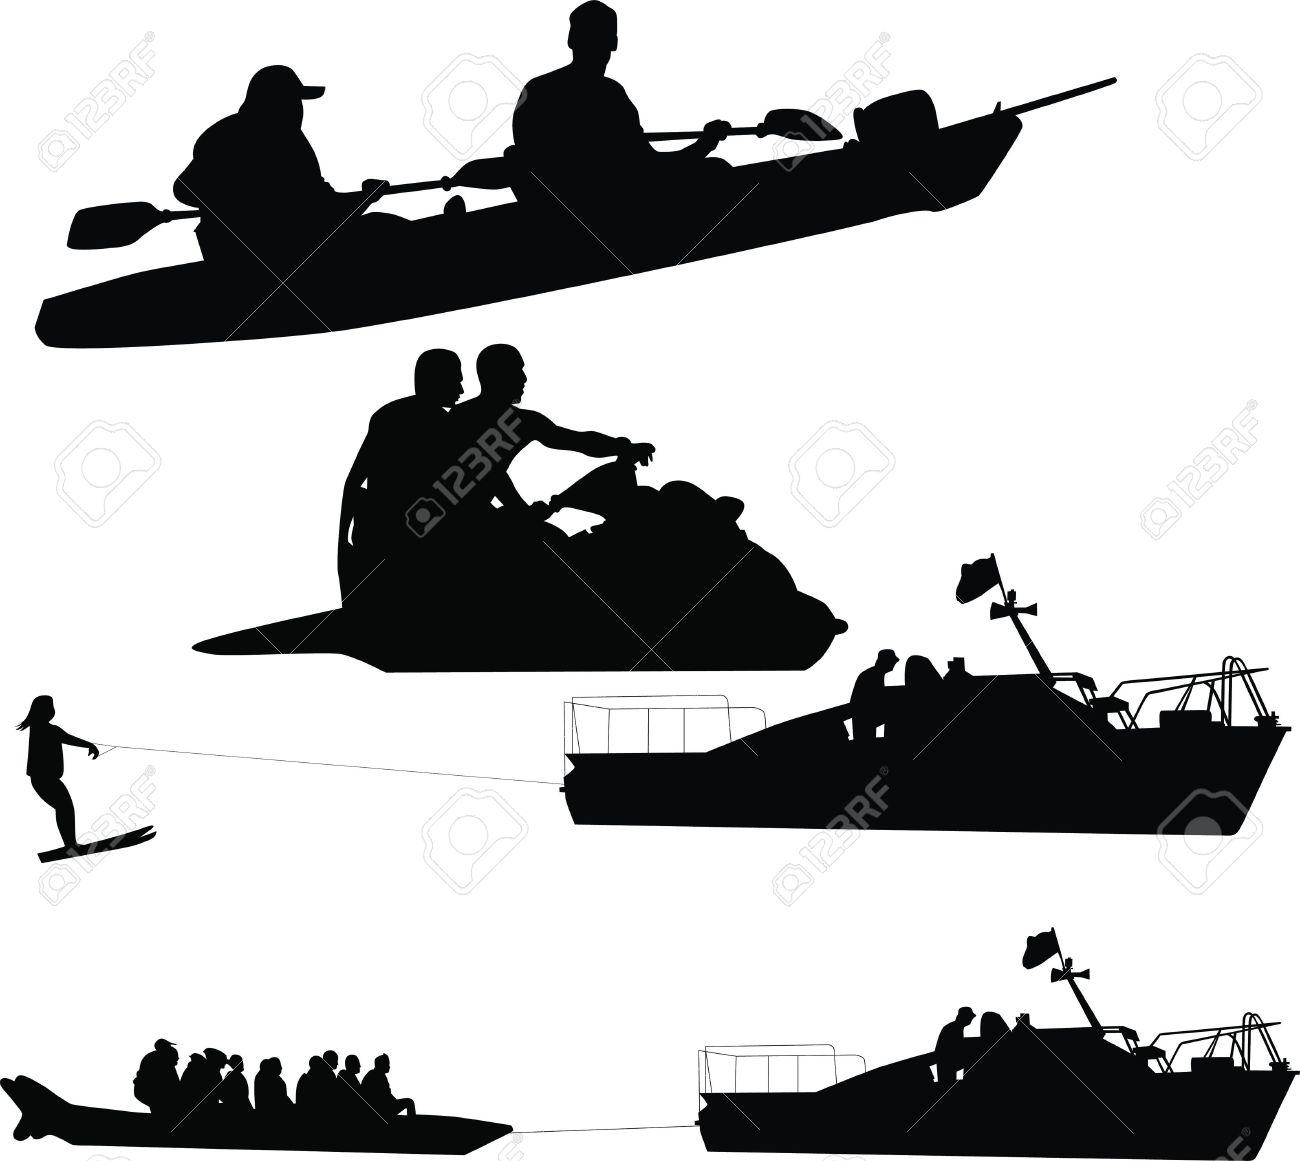 People Have Rest Water Sea Man Boat Oar Fishing Rest Sports Boat.